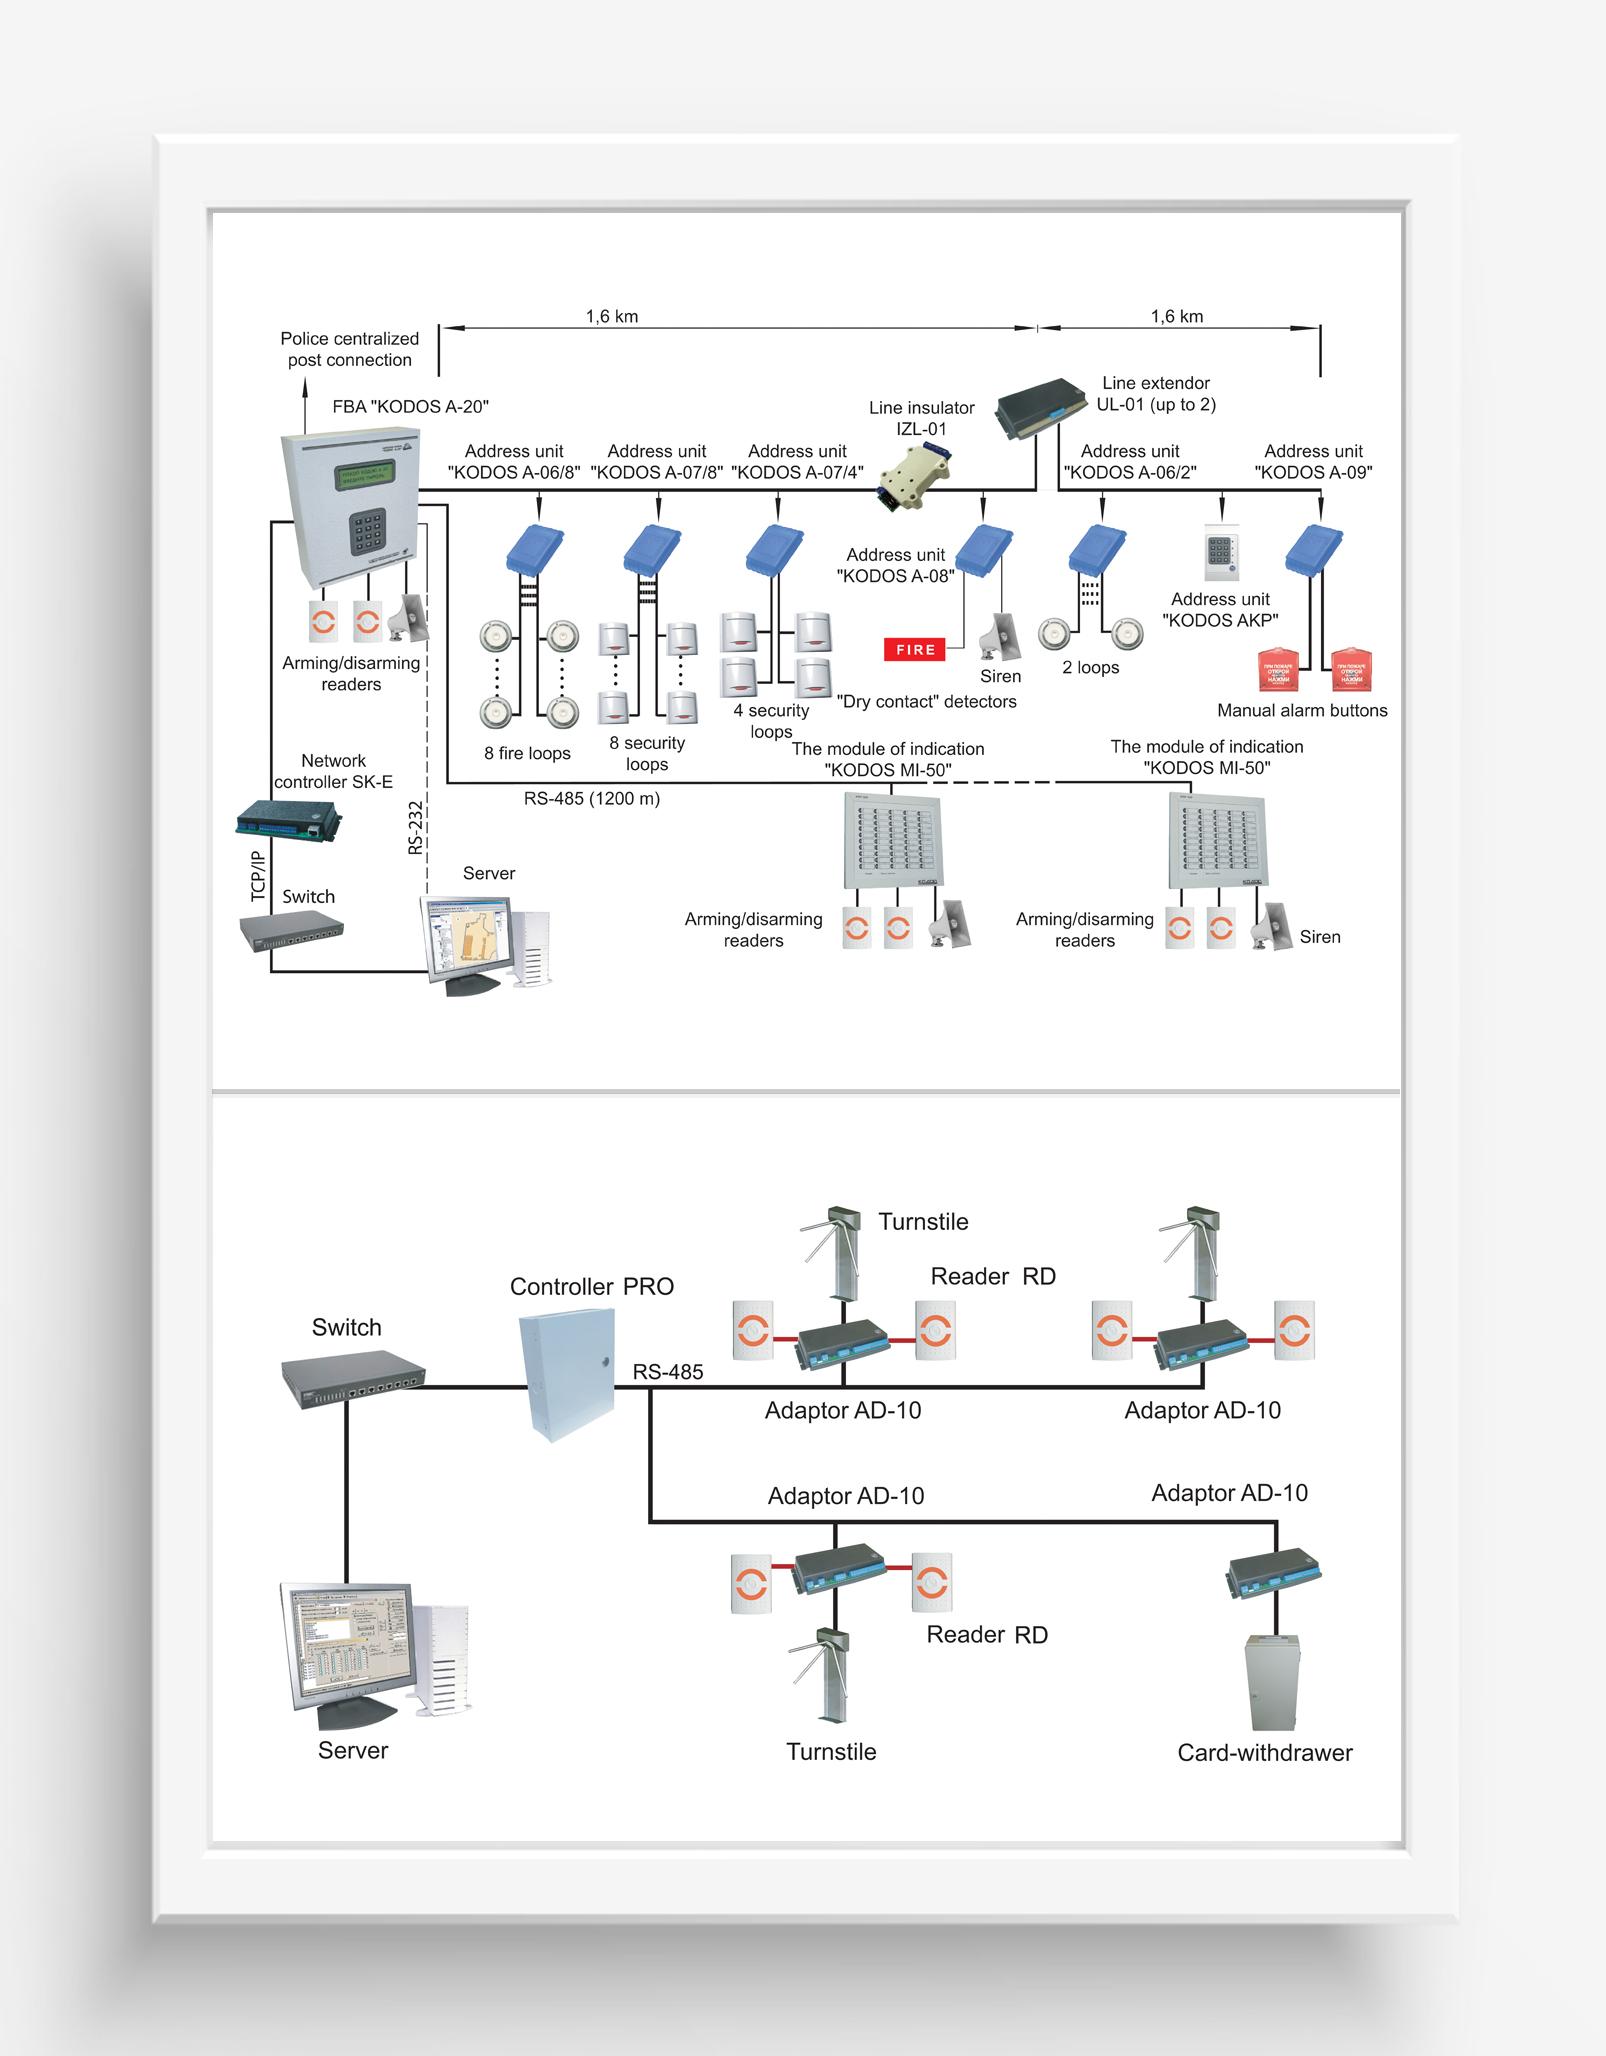 Схемы СоюзСпецАвтоматика (Кодос)